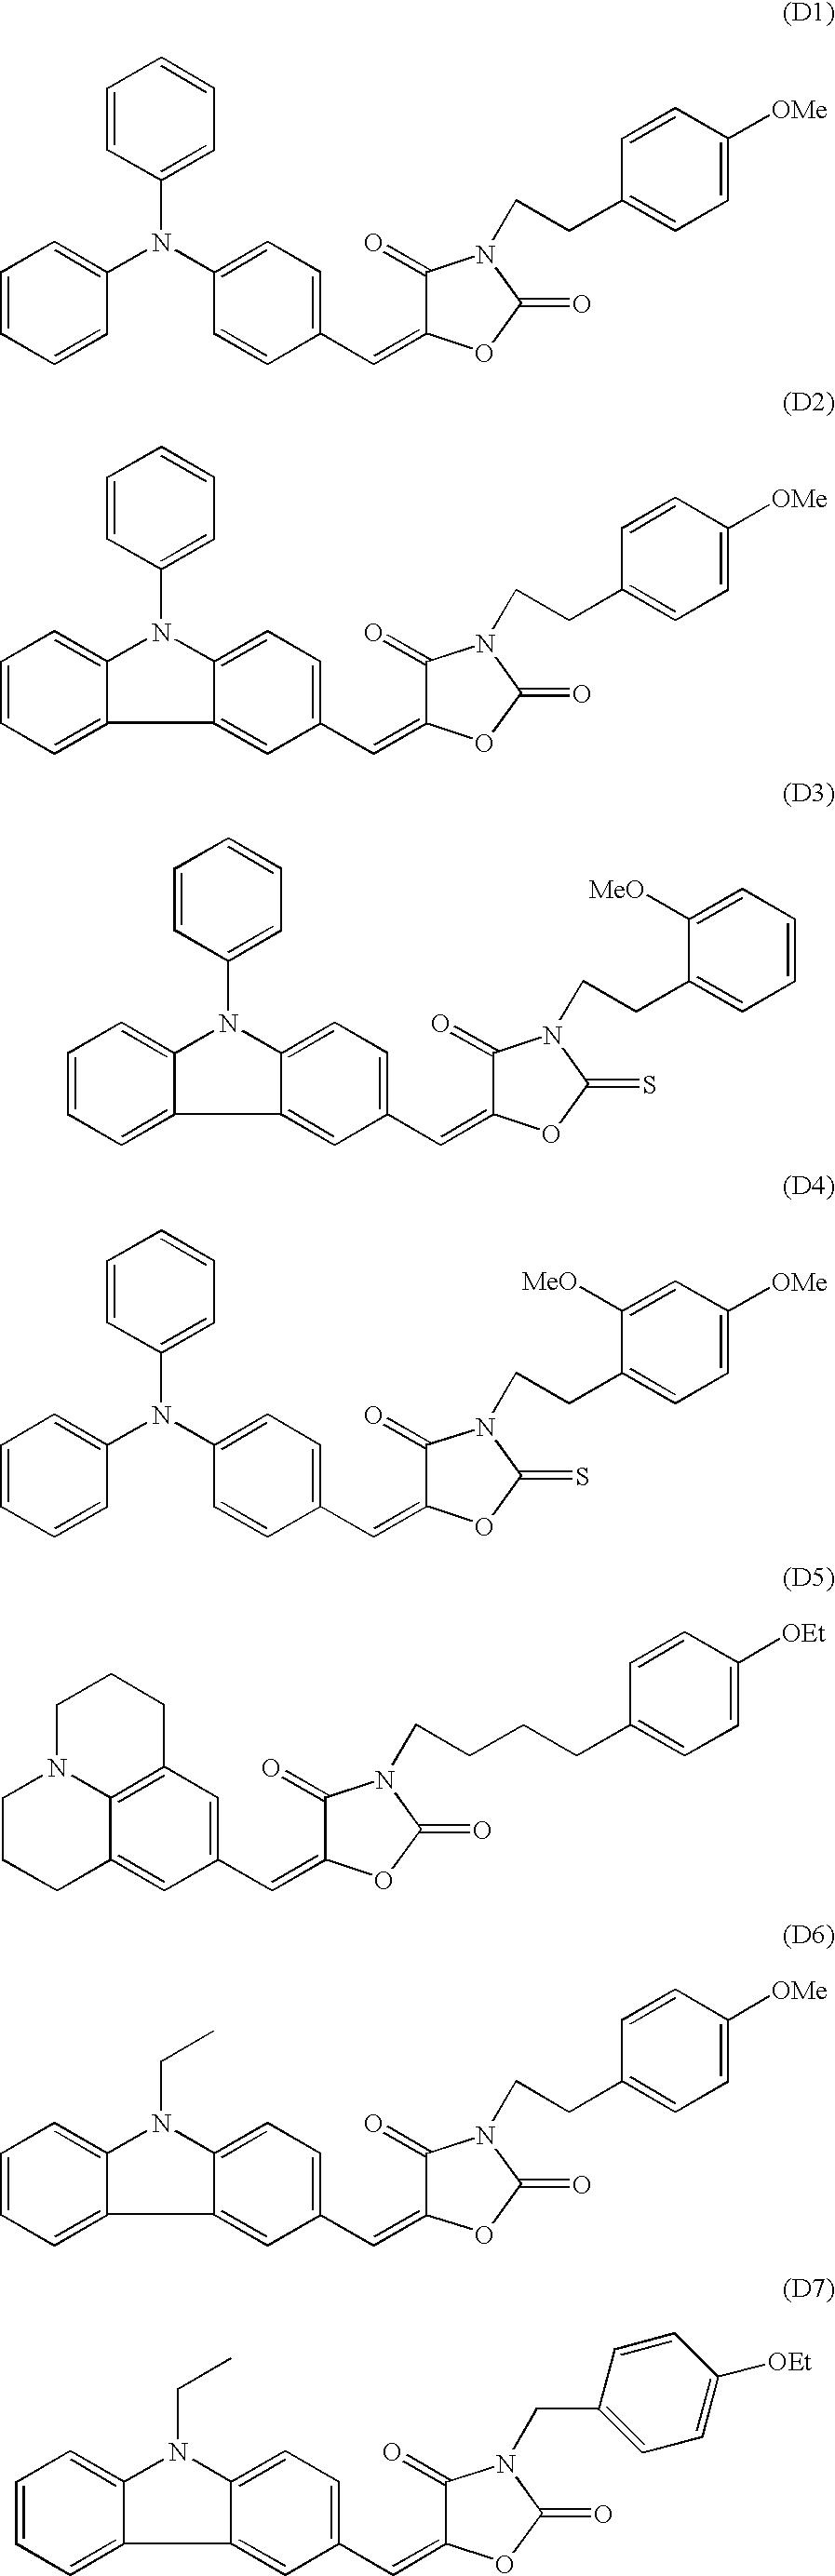 Figure US20040224257A1-20041111-C00007